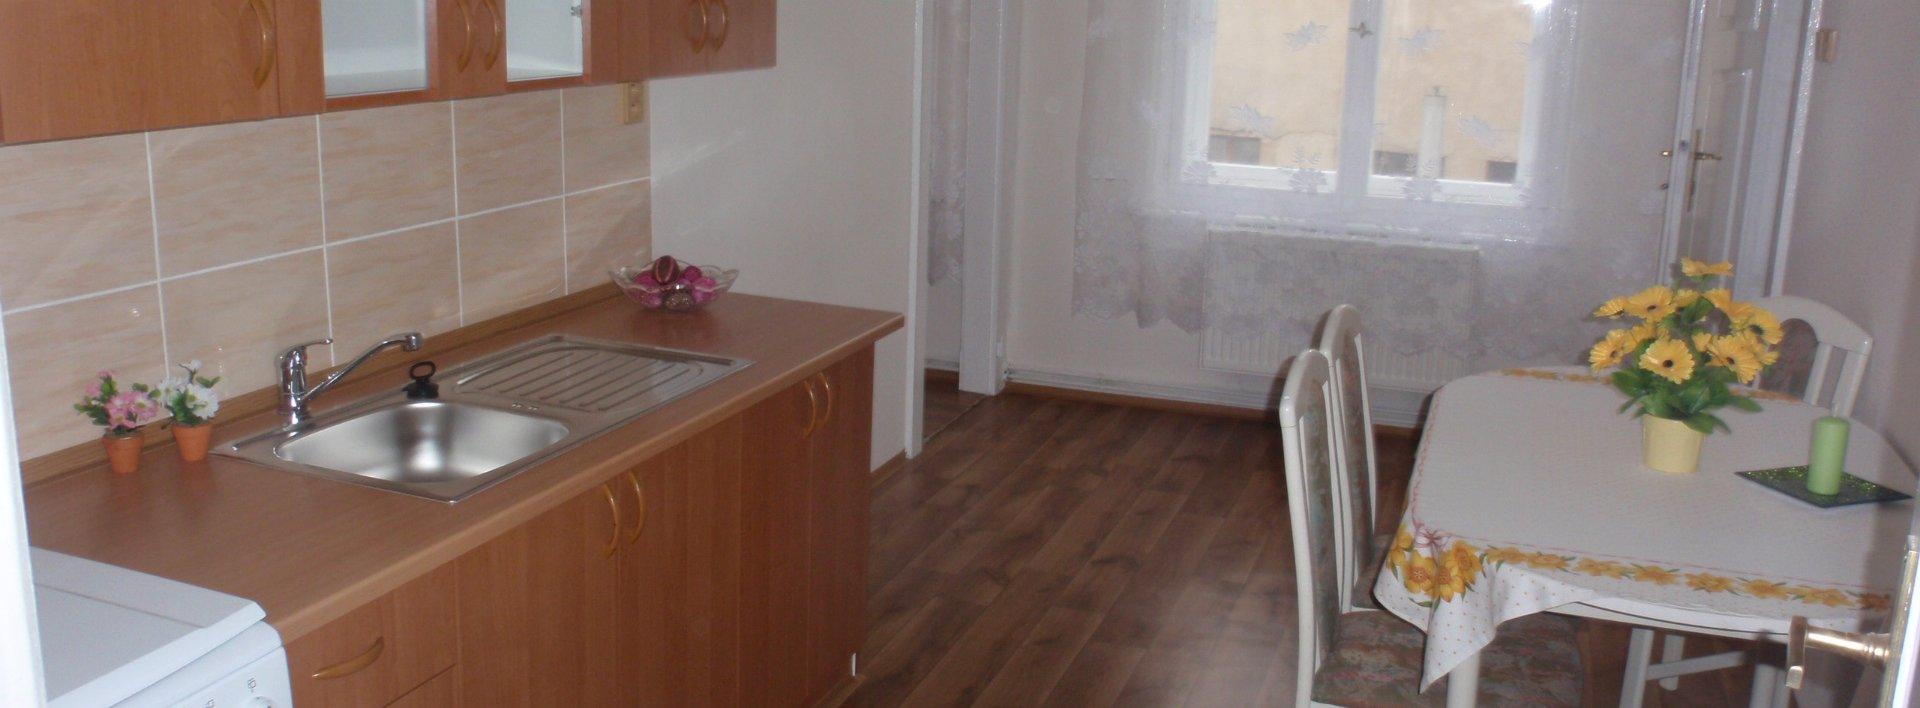 Pronájem bytu 3+1, 112m² - ul. 5. května, Liberec, Ev.č.: N49226